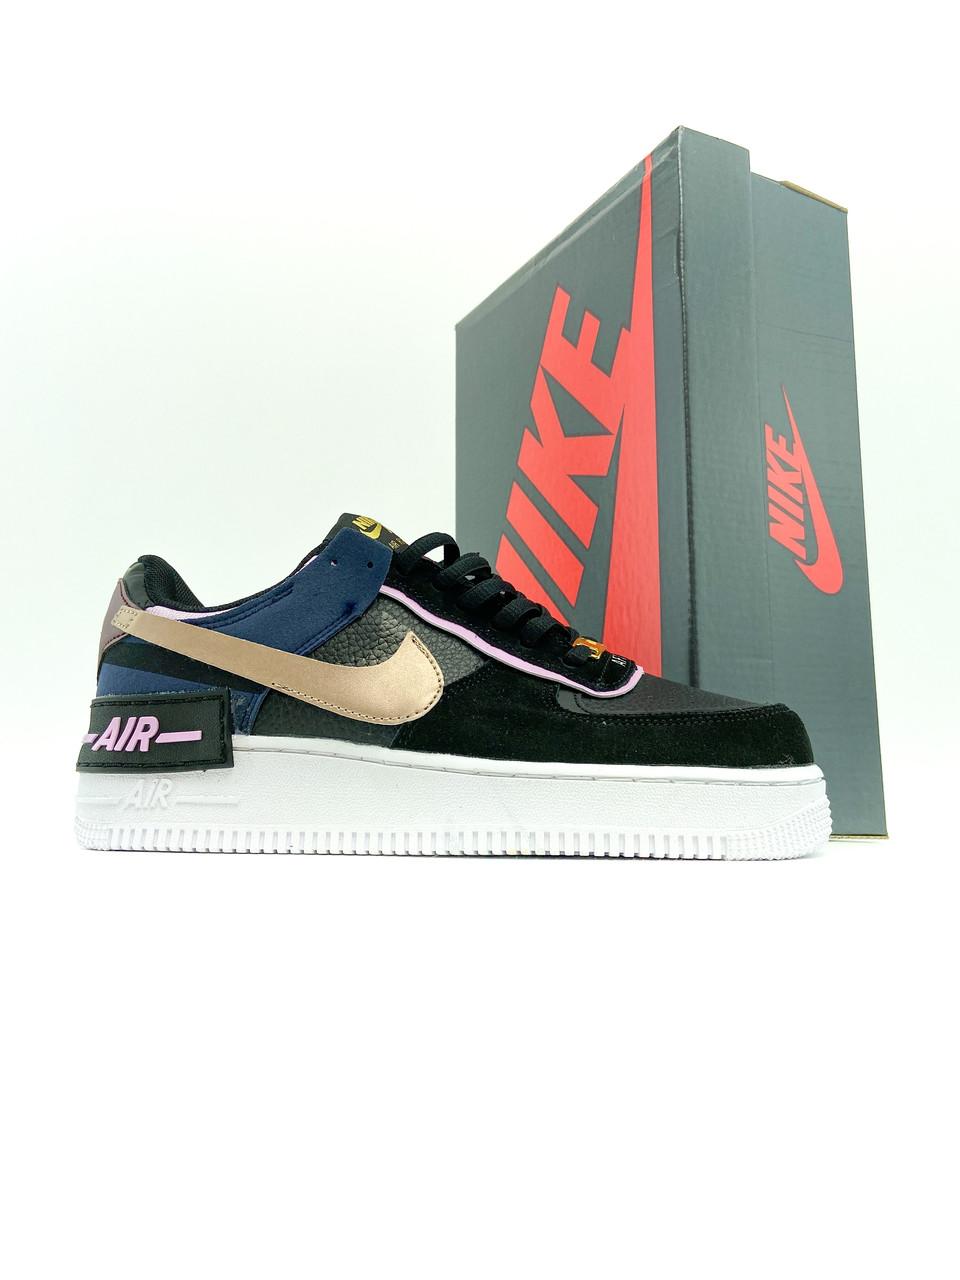 Женские кроссовки Nike Air Force 1 Low Shadow Black Blue (Кроссовки Найк Аир Форс 1 низкие черно-синие)